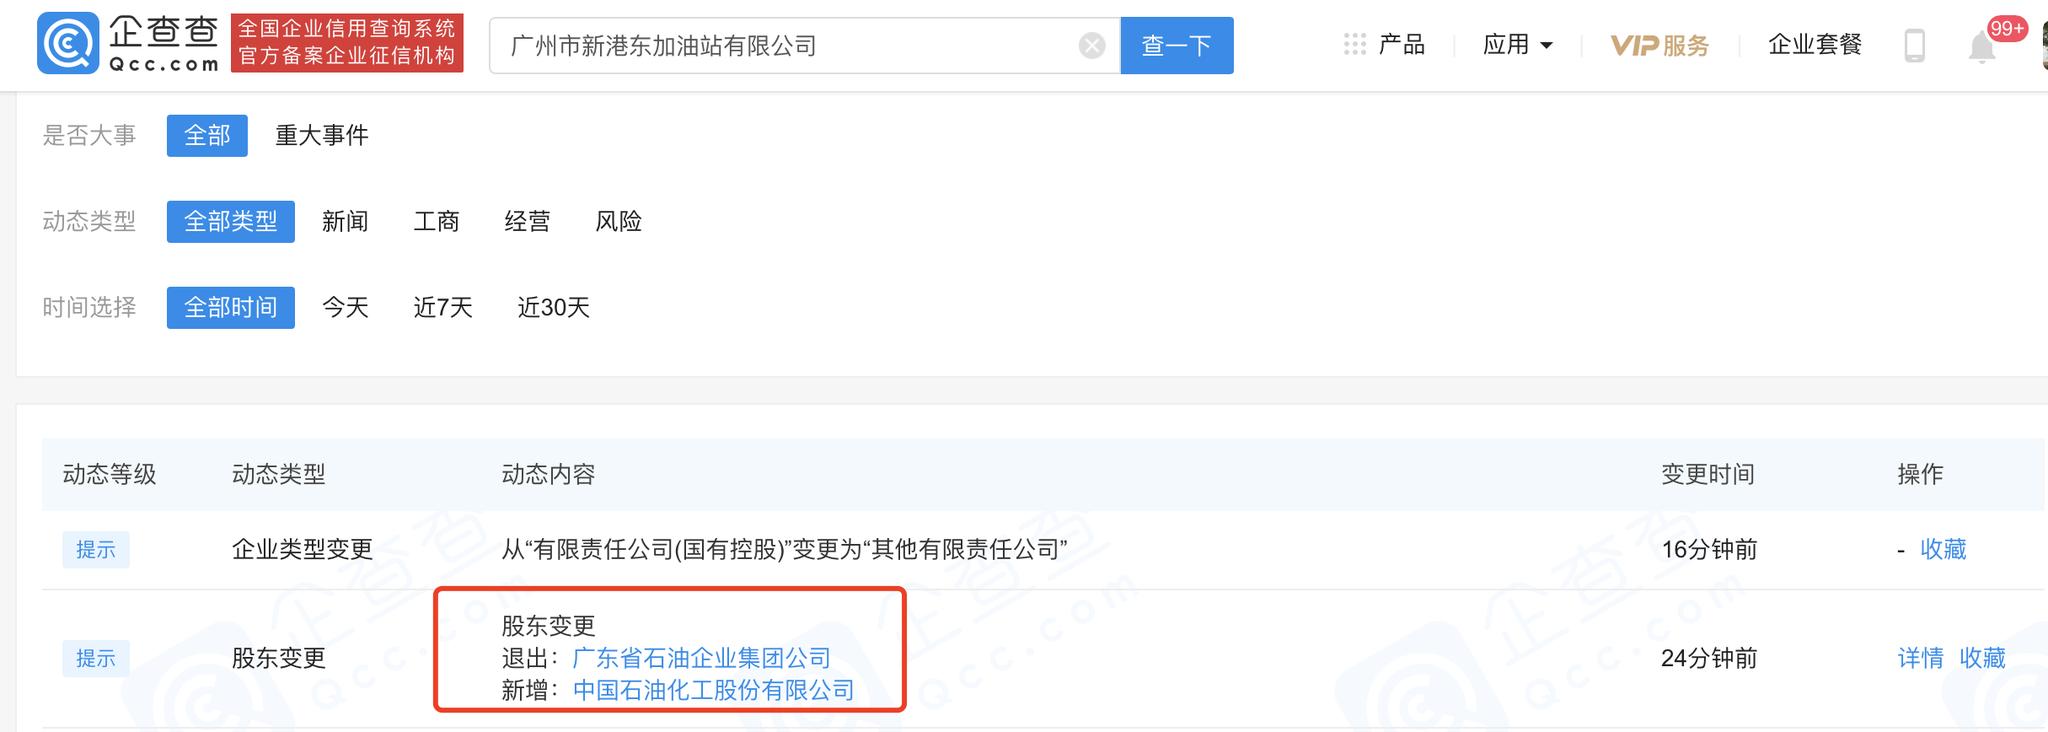 中国石化入股广州市新港东加油站有限公司